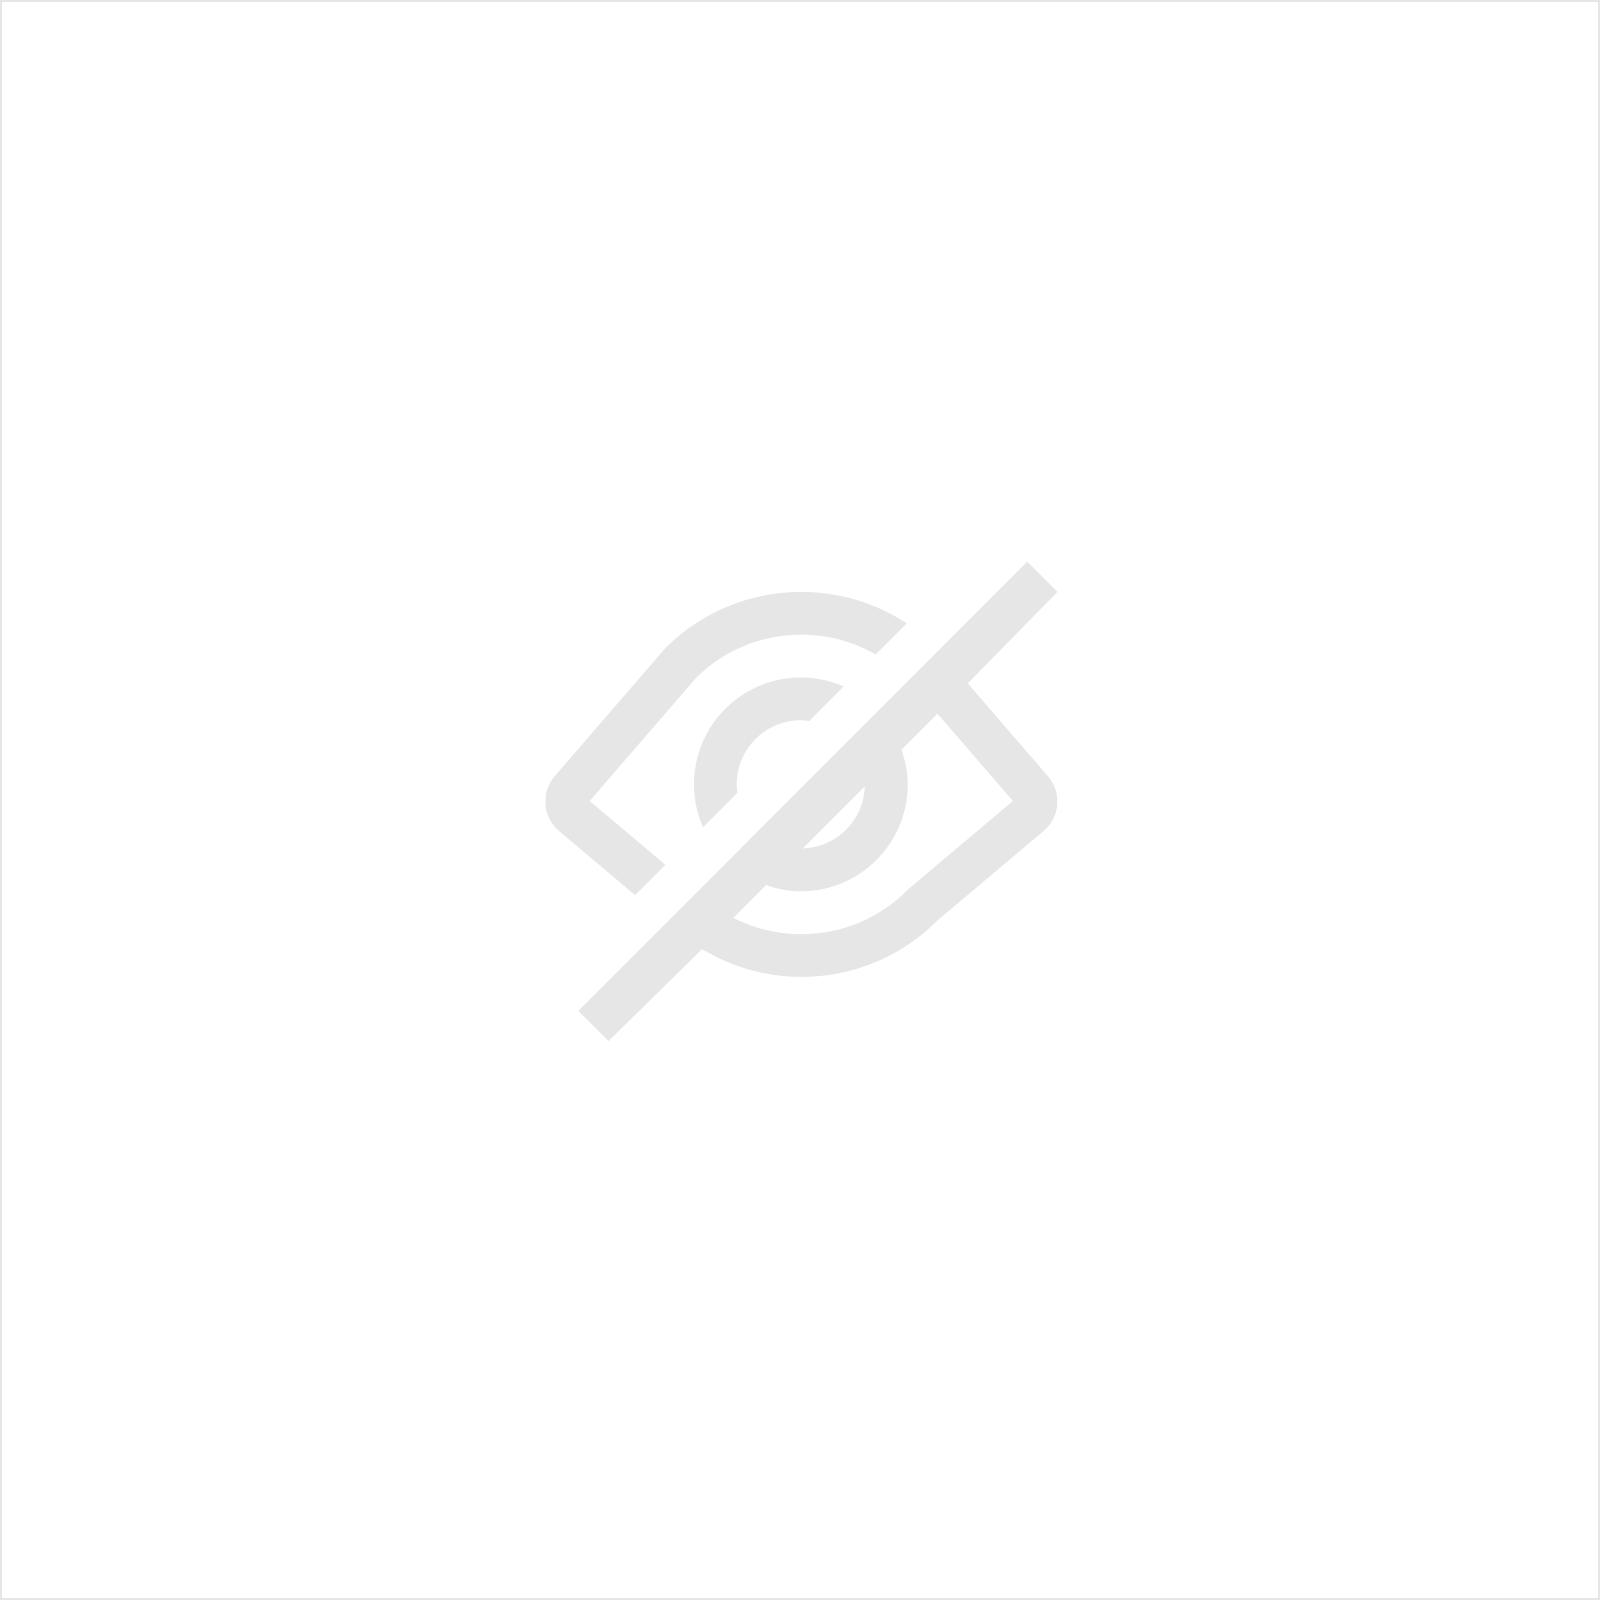 PAPIER DE VERRE AVEC VELCRO P320 - 70 MM x 25 MÈTRES